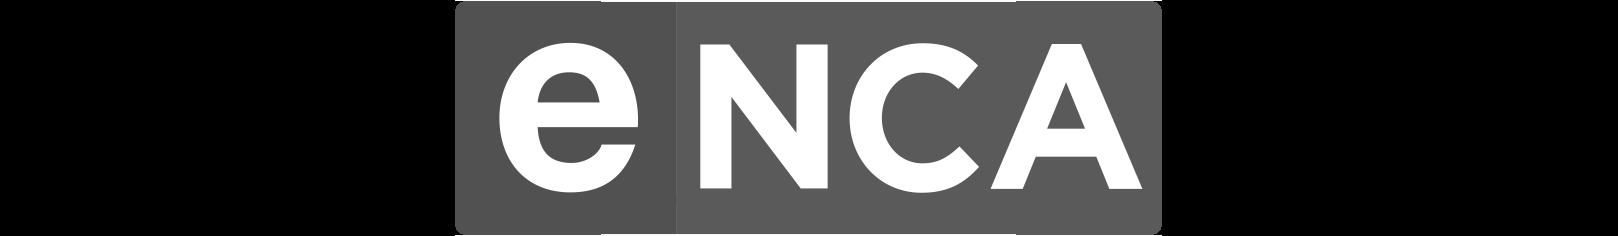 ENCA_logo-grey